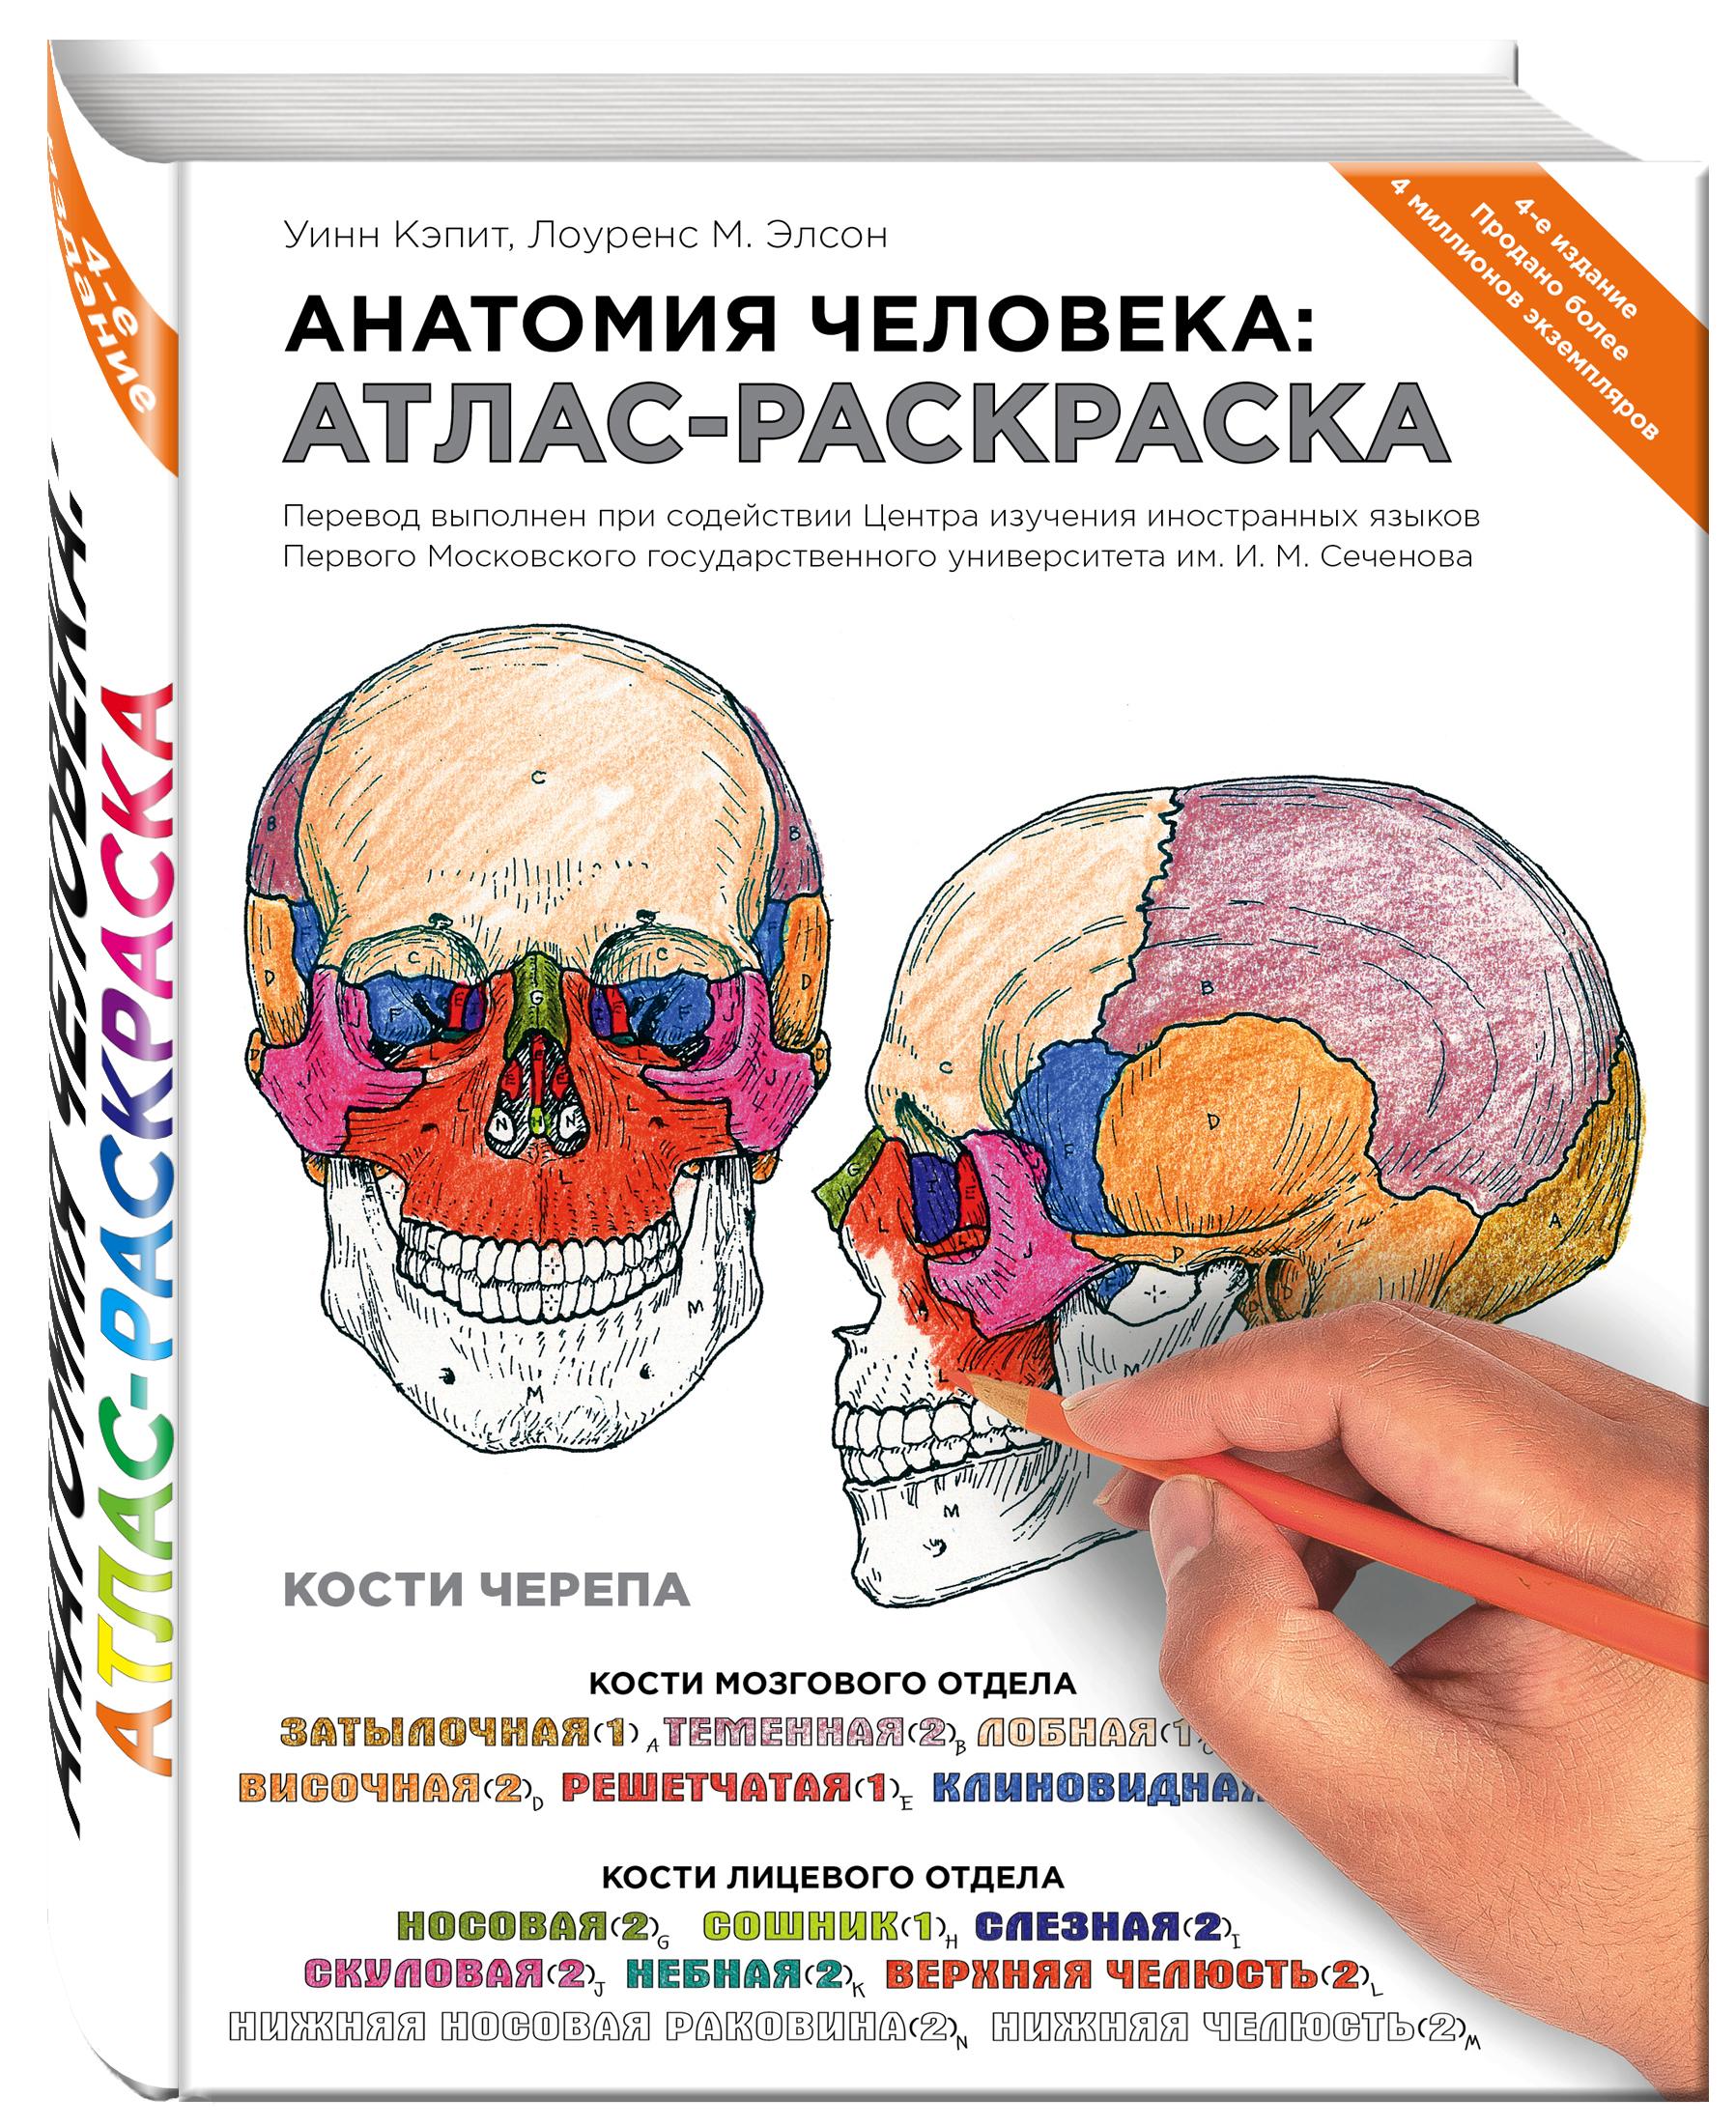 Элсон Л., Кэпит У. Анатомия человека: атлас-раскраска анна спектор большой иллюстрированный атлас анатомии человека